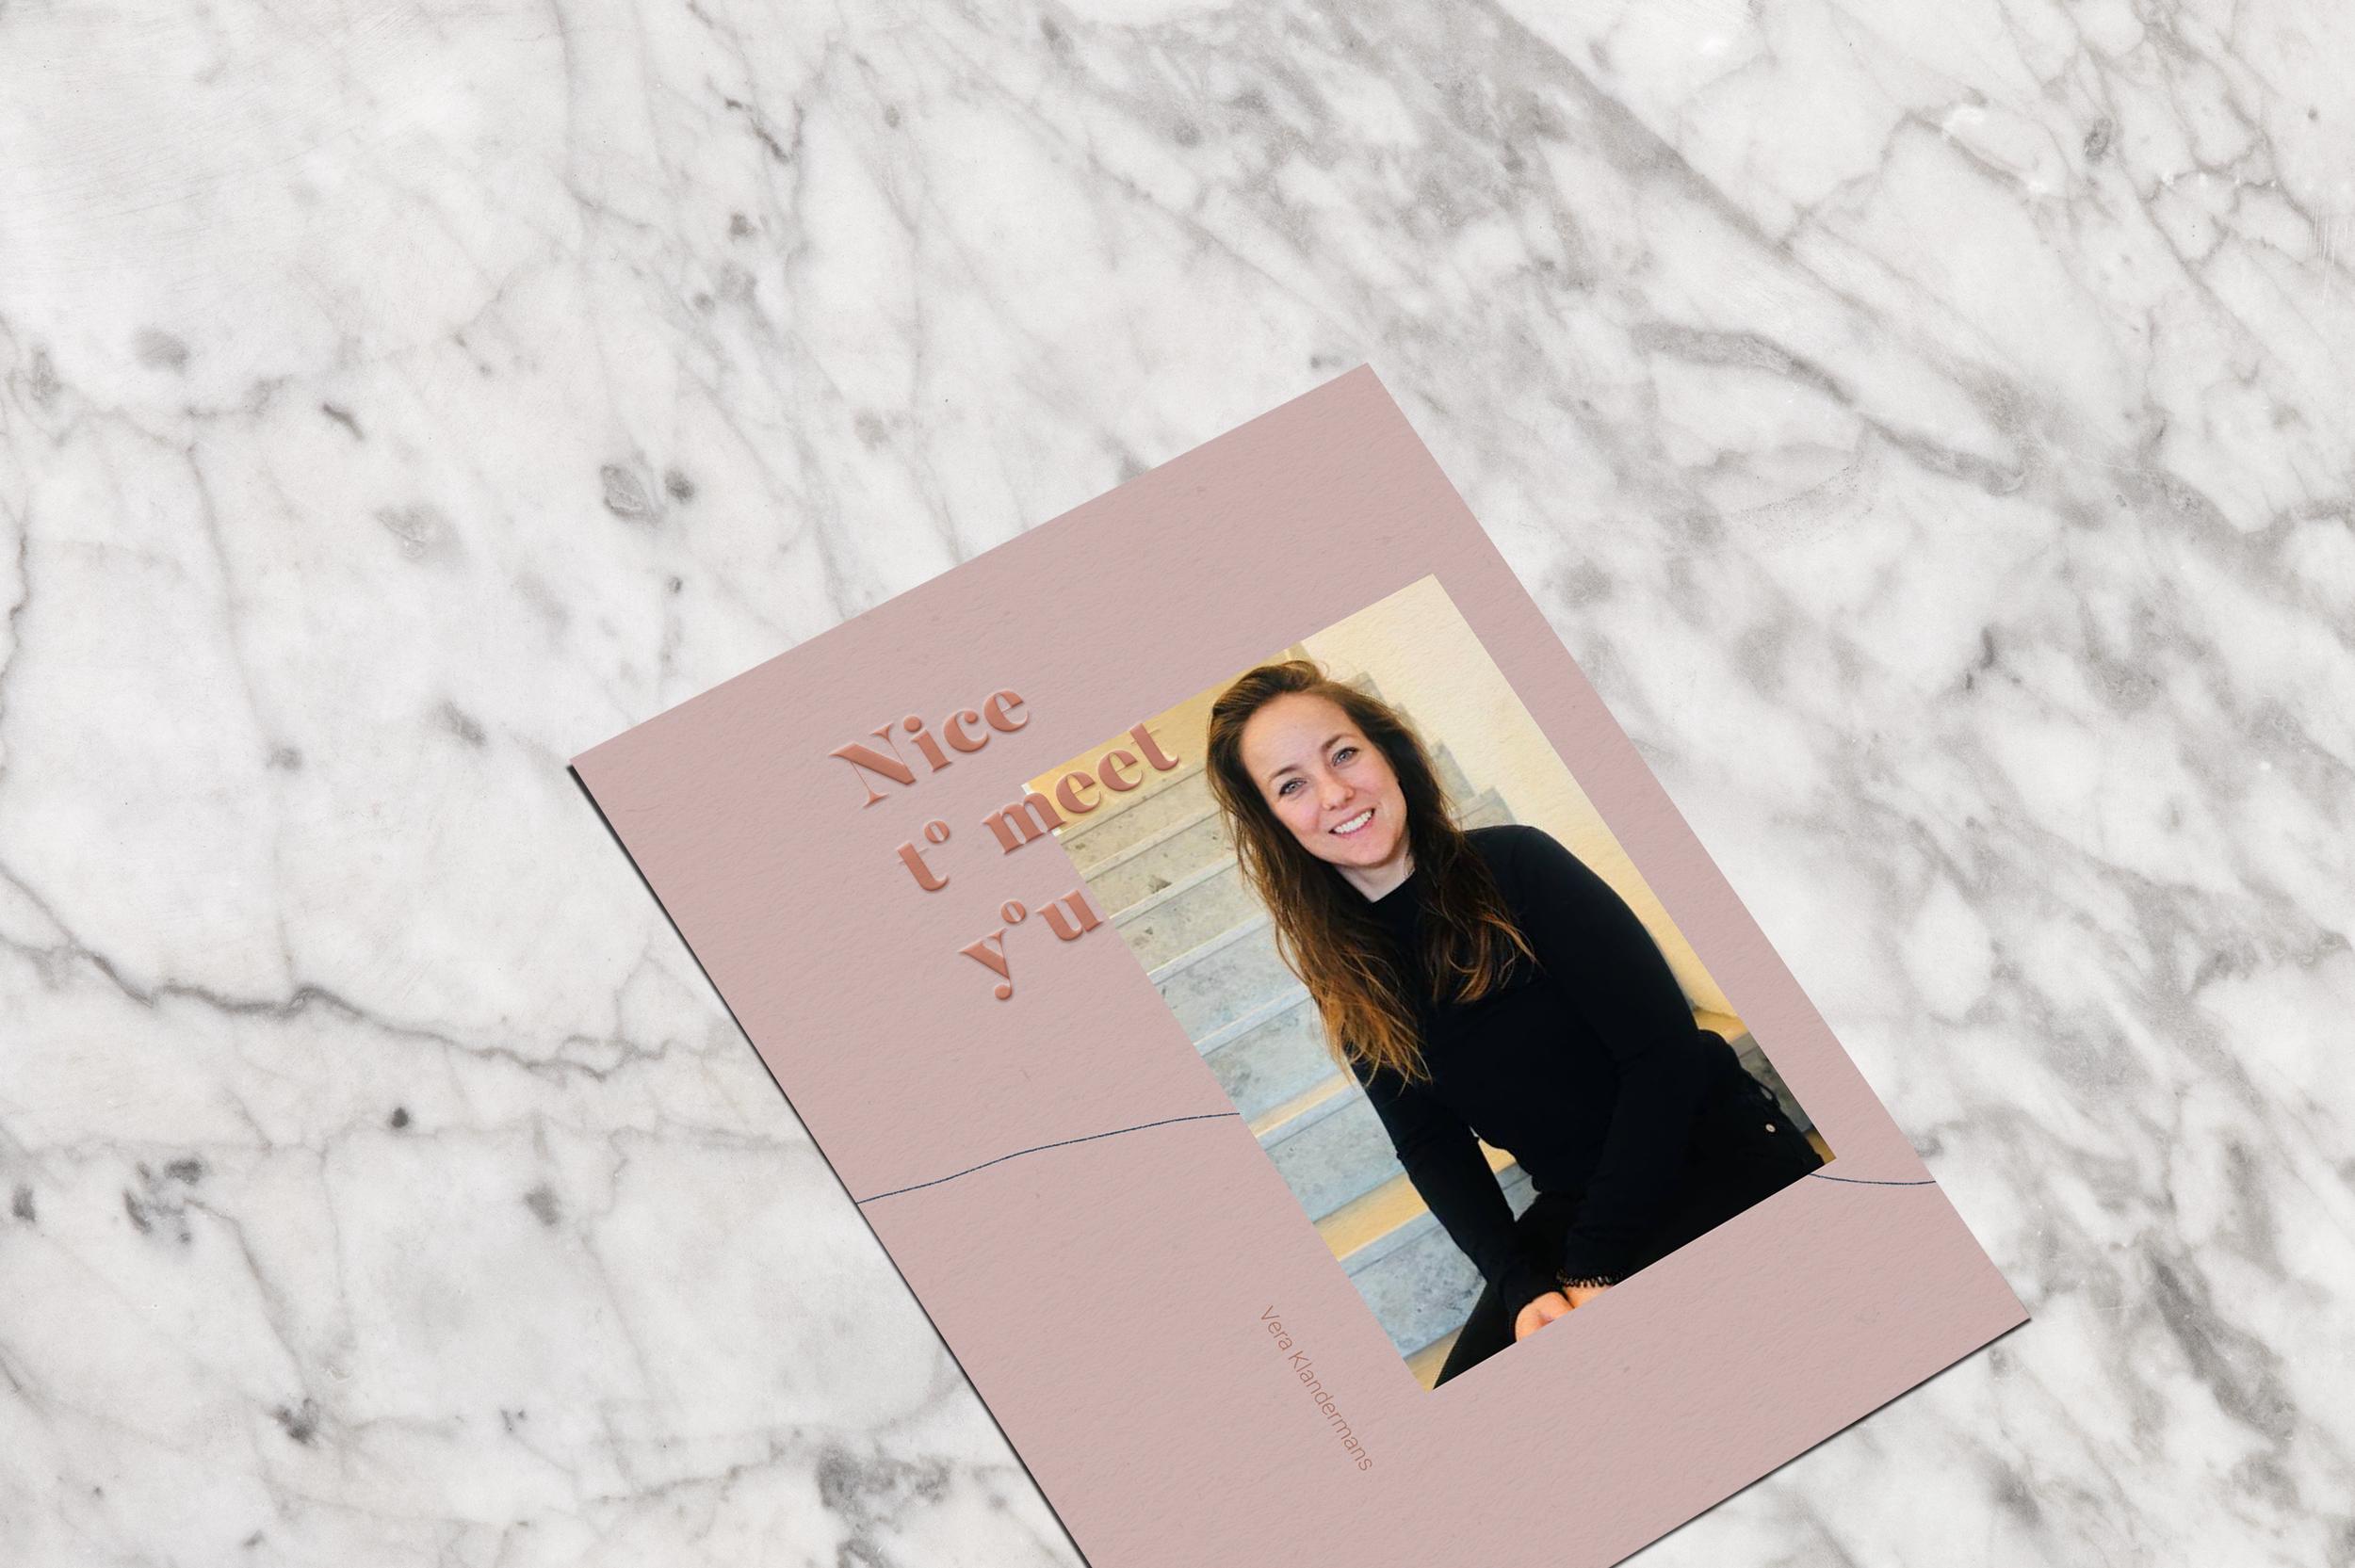 About - Ik ben Vera Klandermans en zo'n 10 jaar ervaring in het maken van content voor merken en titels.